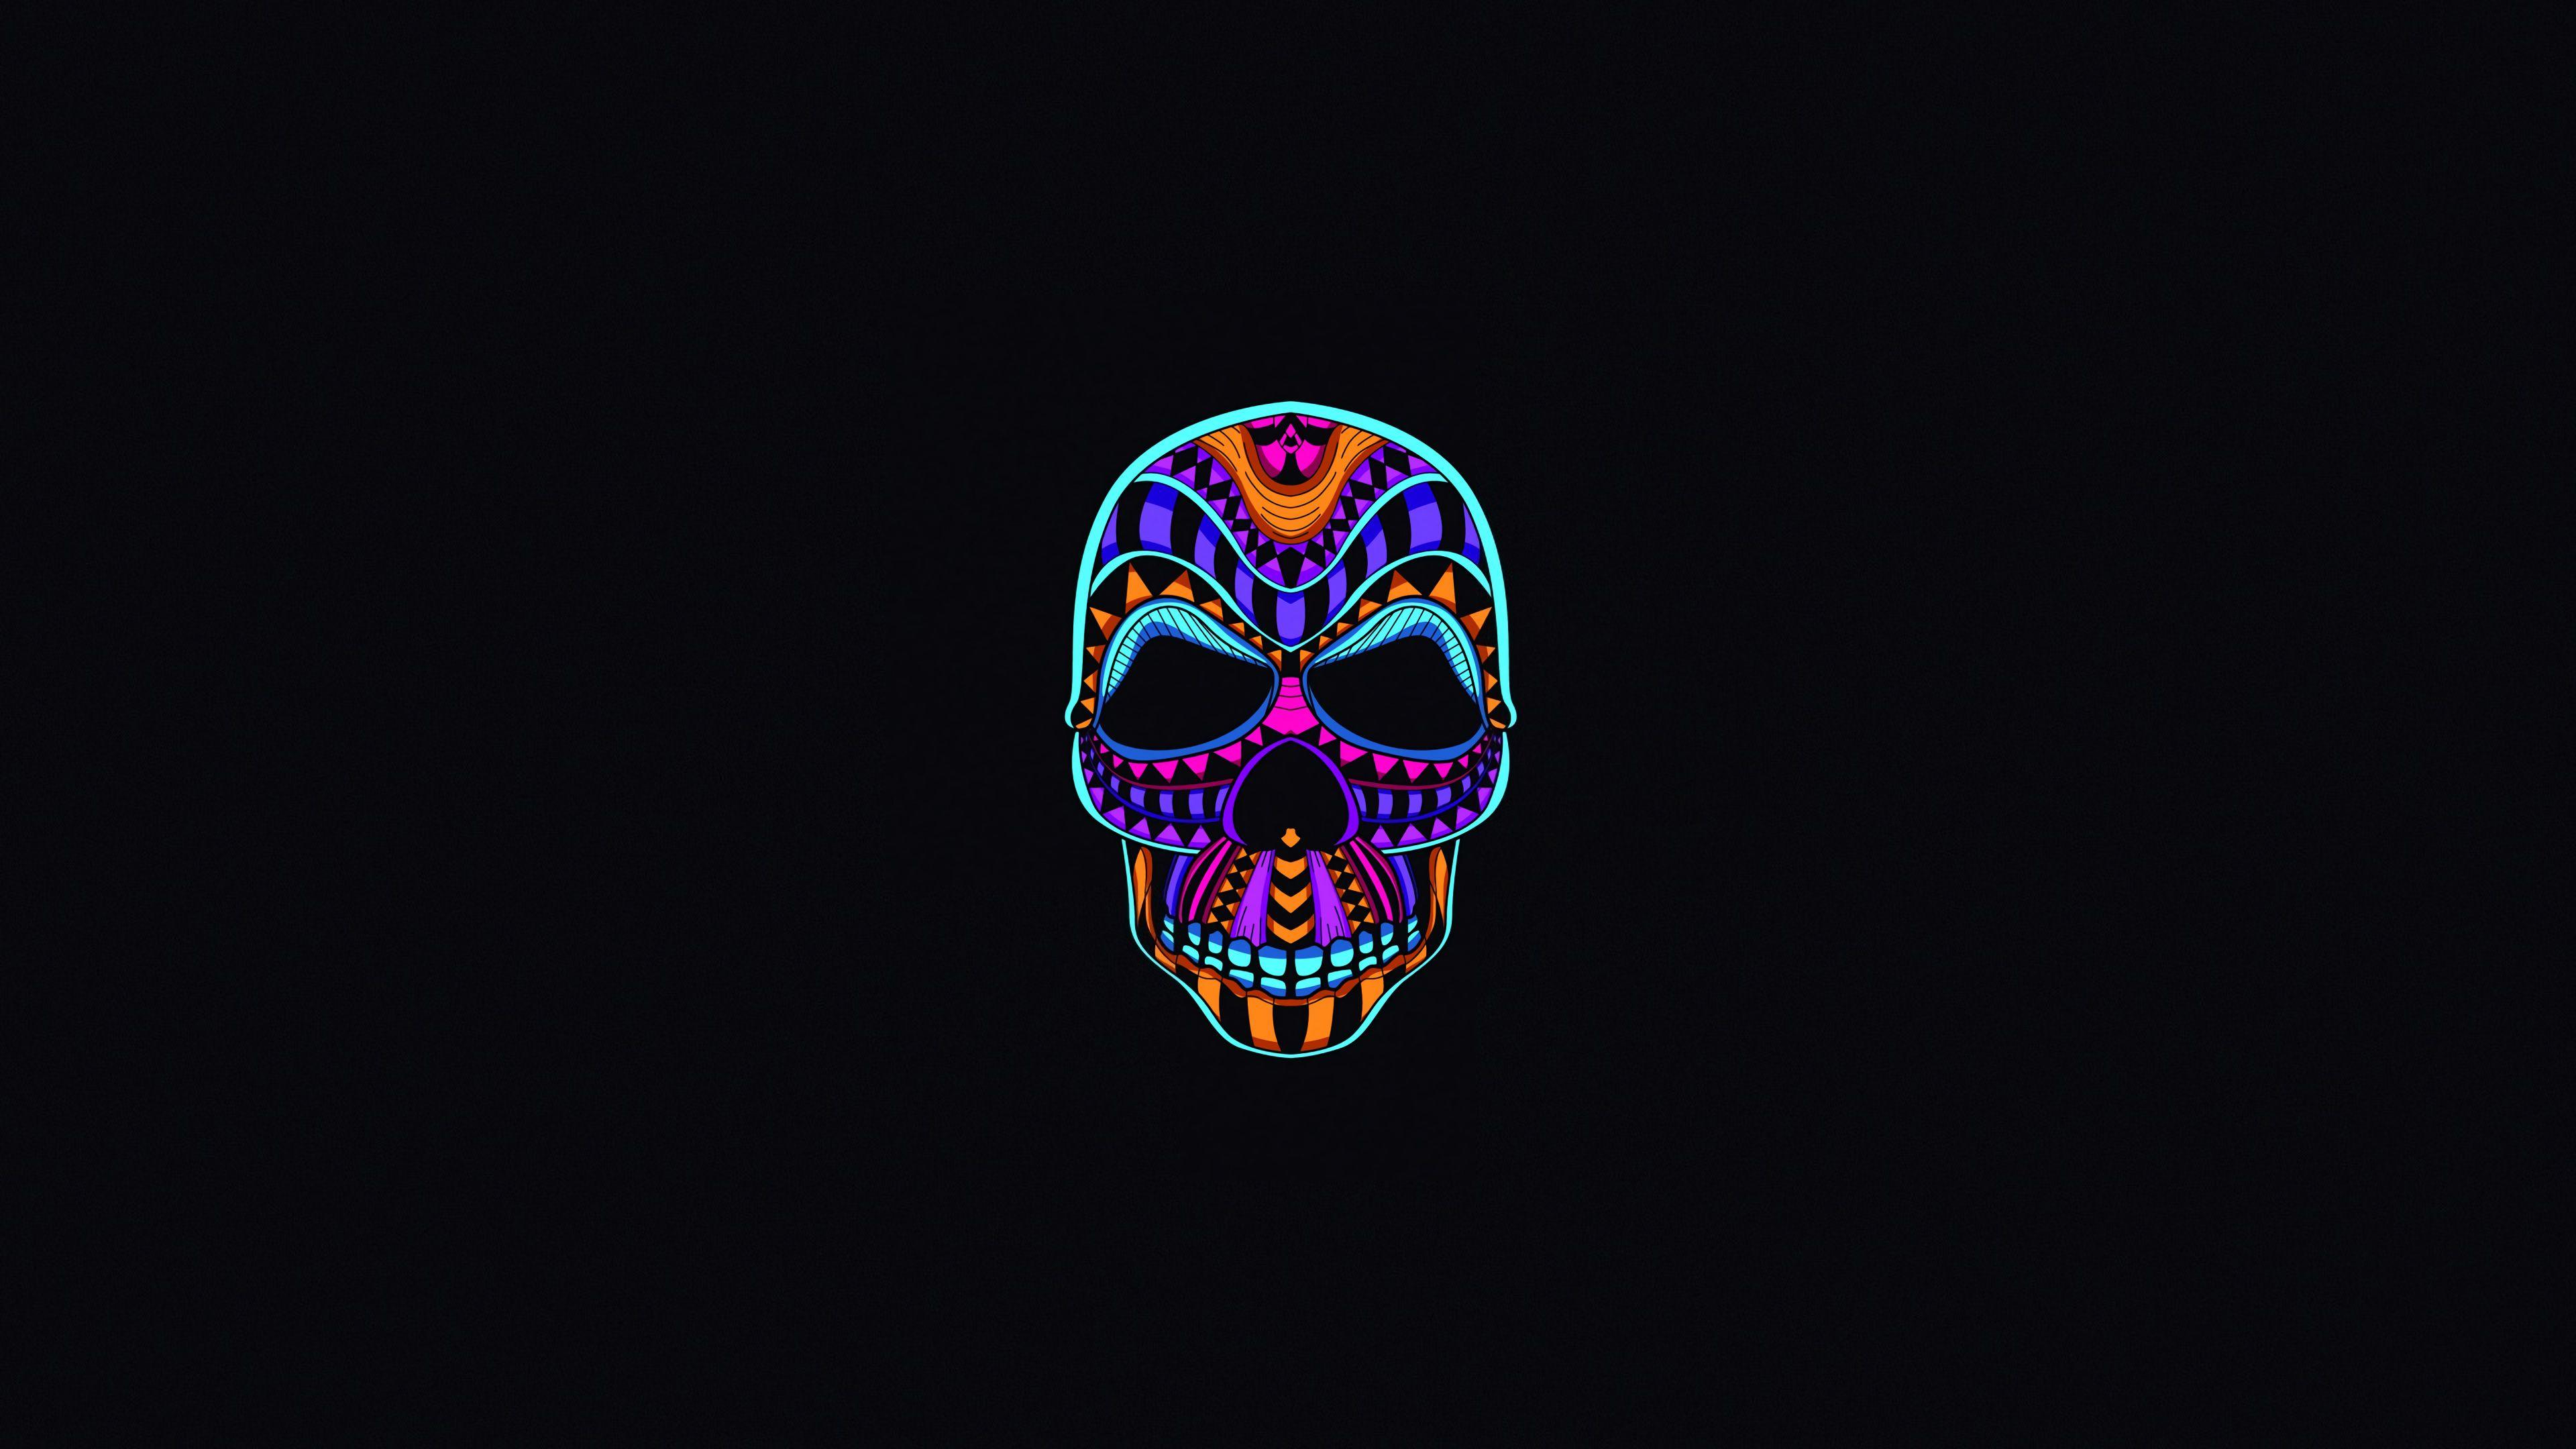 Skull Dark Minimal Skull Wallpapers Oled Wallpapers Minimalist Wallpapers Minimalism Wallpapers Hd Wallpap Minimal Wallpaper Neon Wallpaper Skull Wallpaper